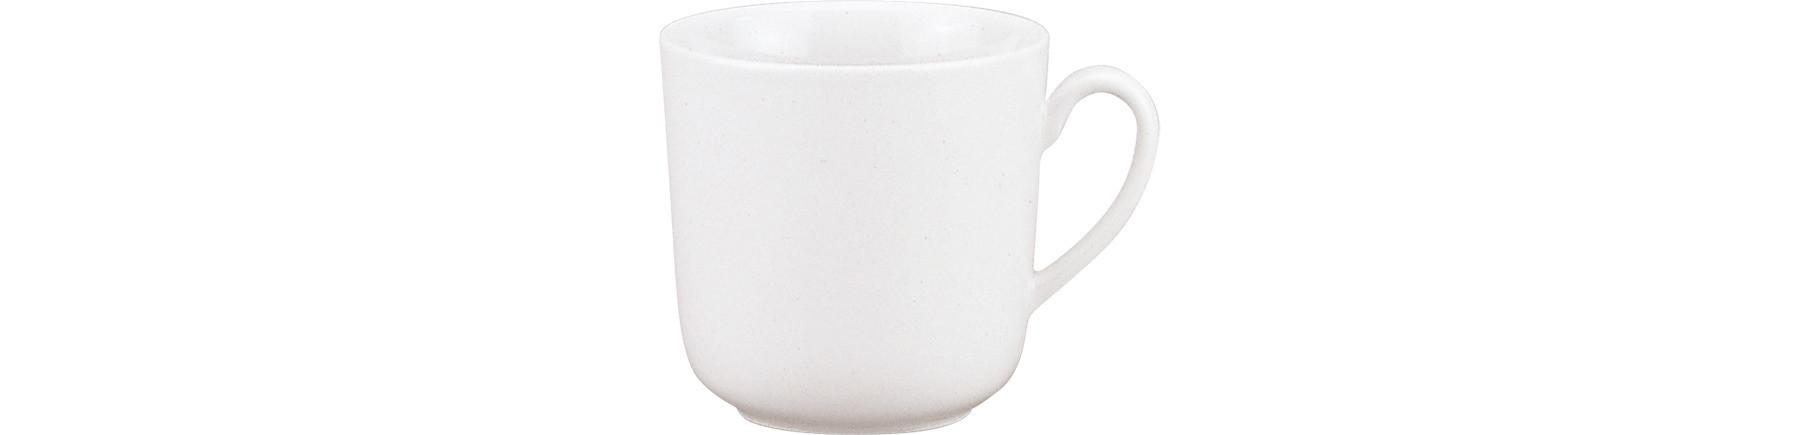 98, Kaffeebecher ø 81 mm / 0,35 l